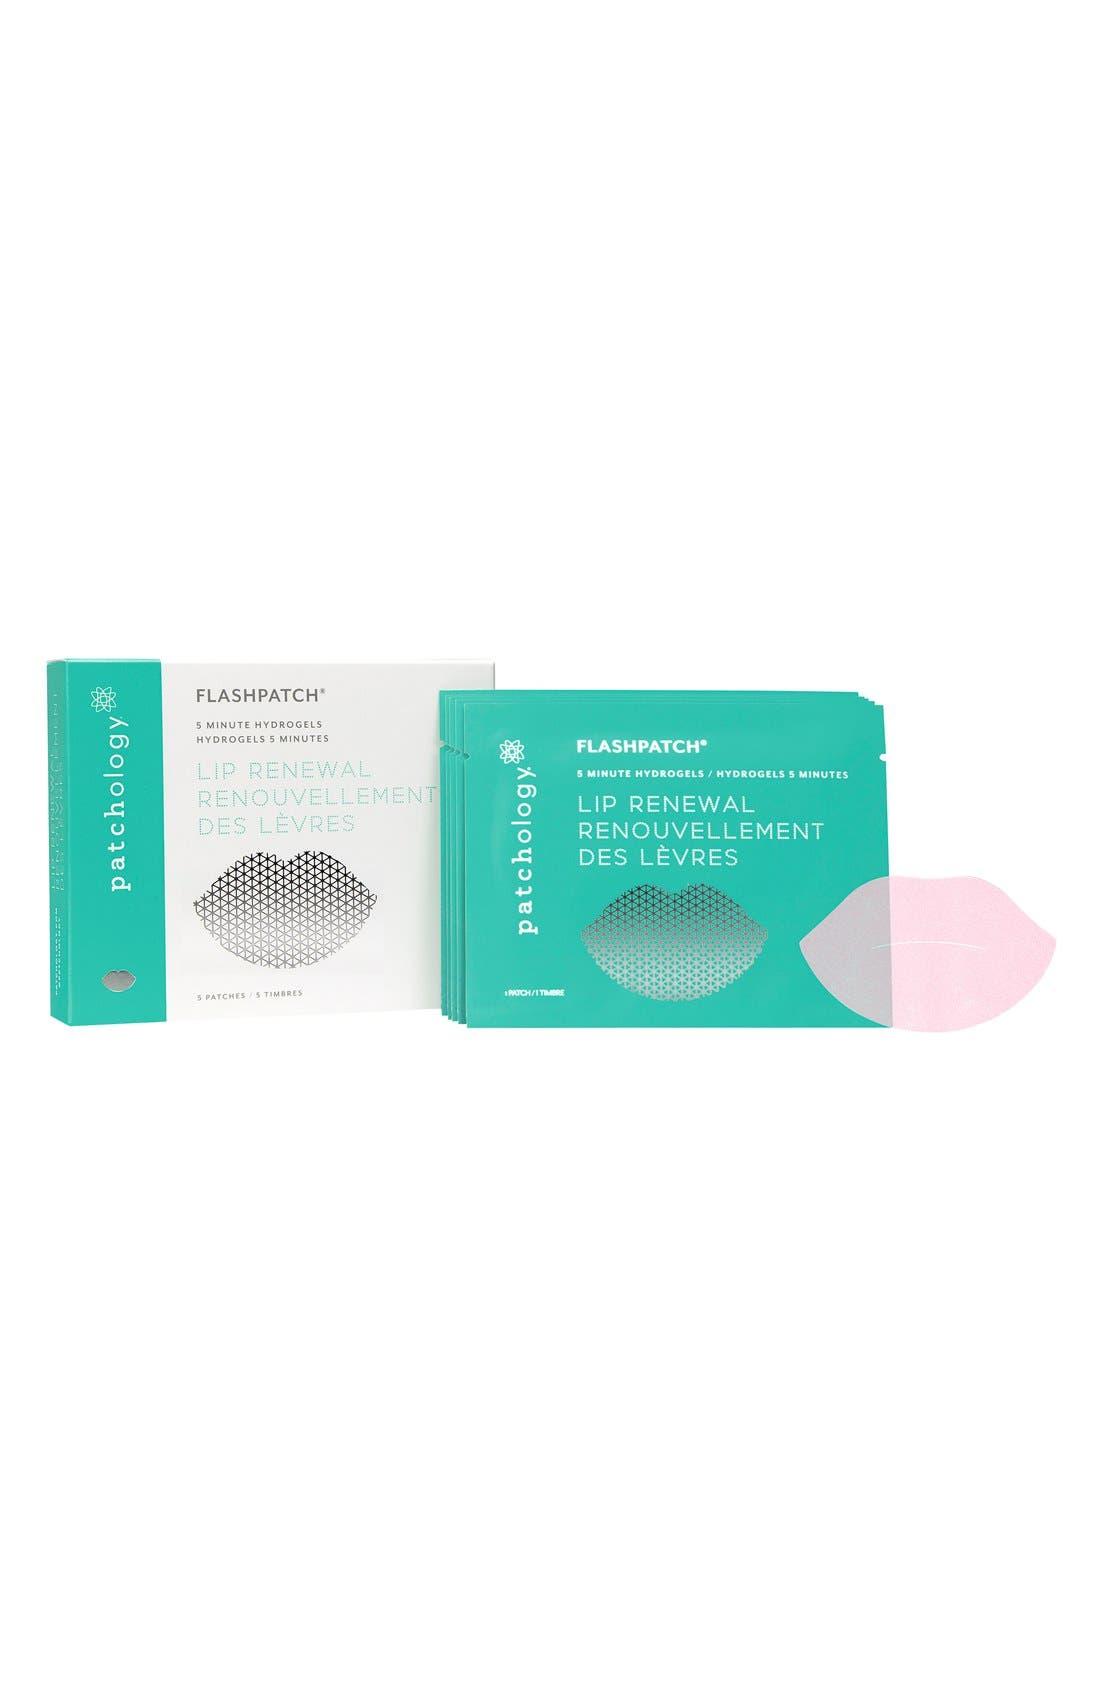 patchology Lip Renewal FlashPatch™ Lip Gels